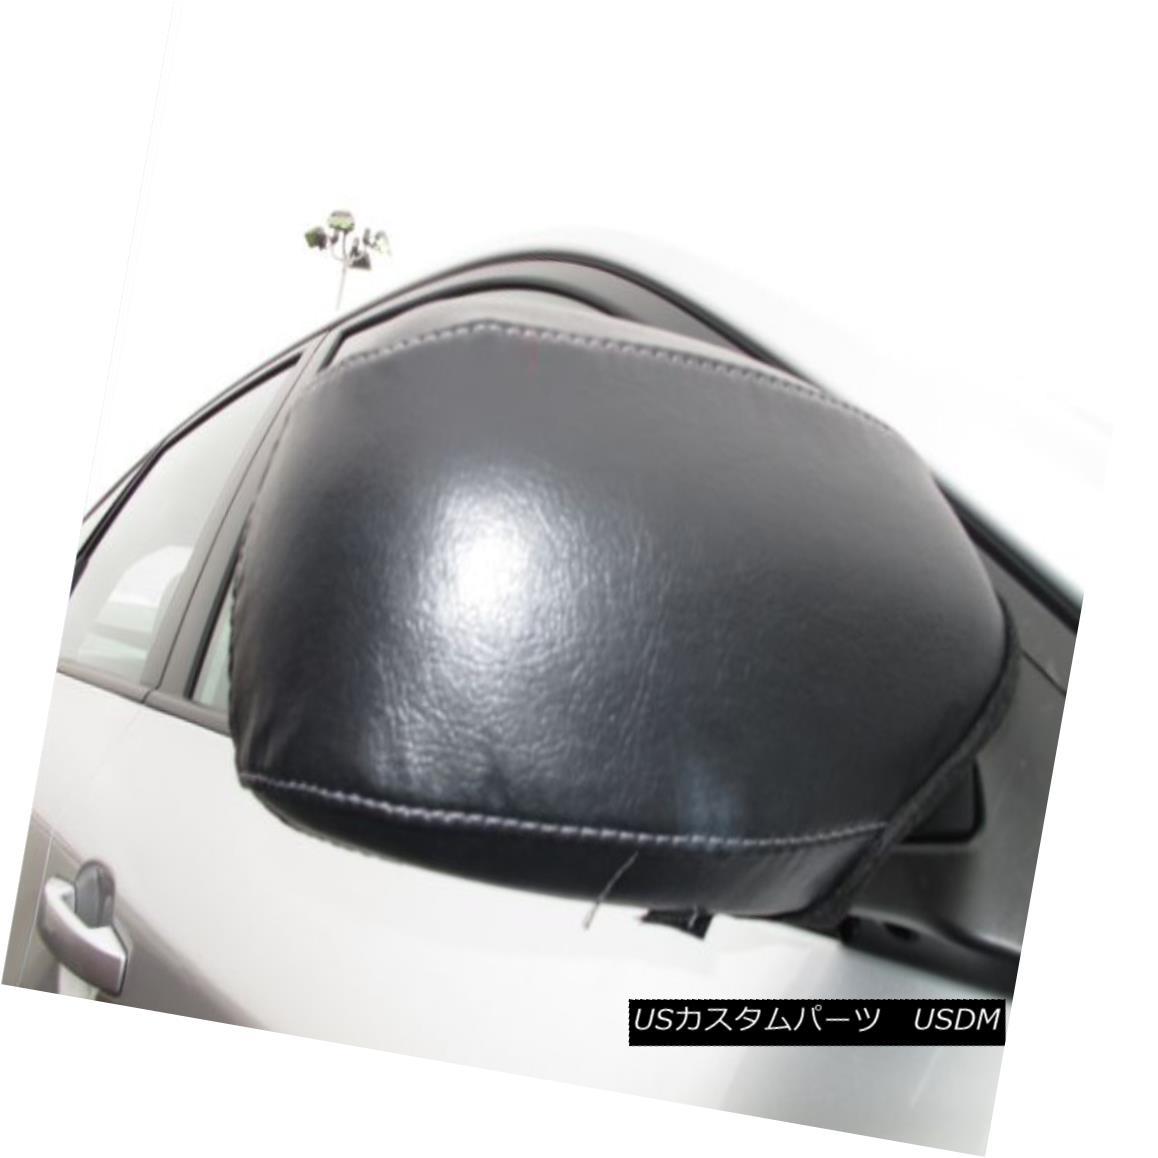 フルブラ ノーズブラ Colgan Car Mirror Covers Bra Protector Black Fits 2010-2013 SUBARU Impreza Colgan Car Mirrors Covers Bra Protectors Black 2010-2013 SUBARUインプレッサ